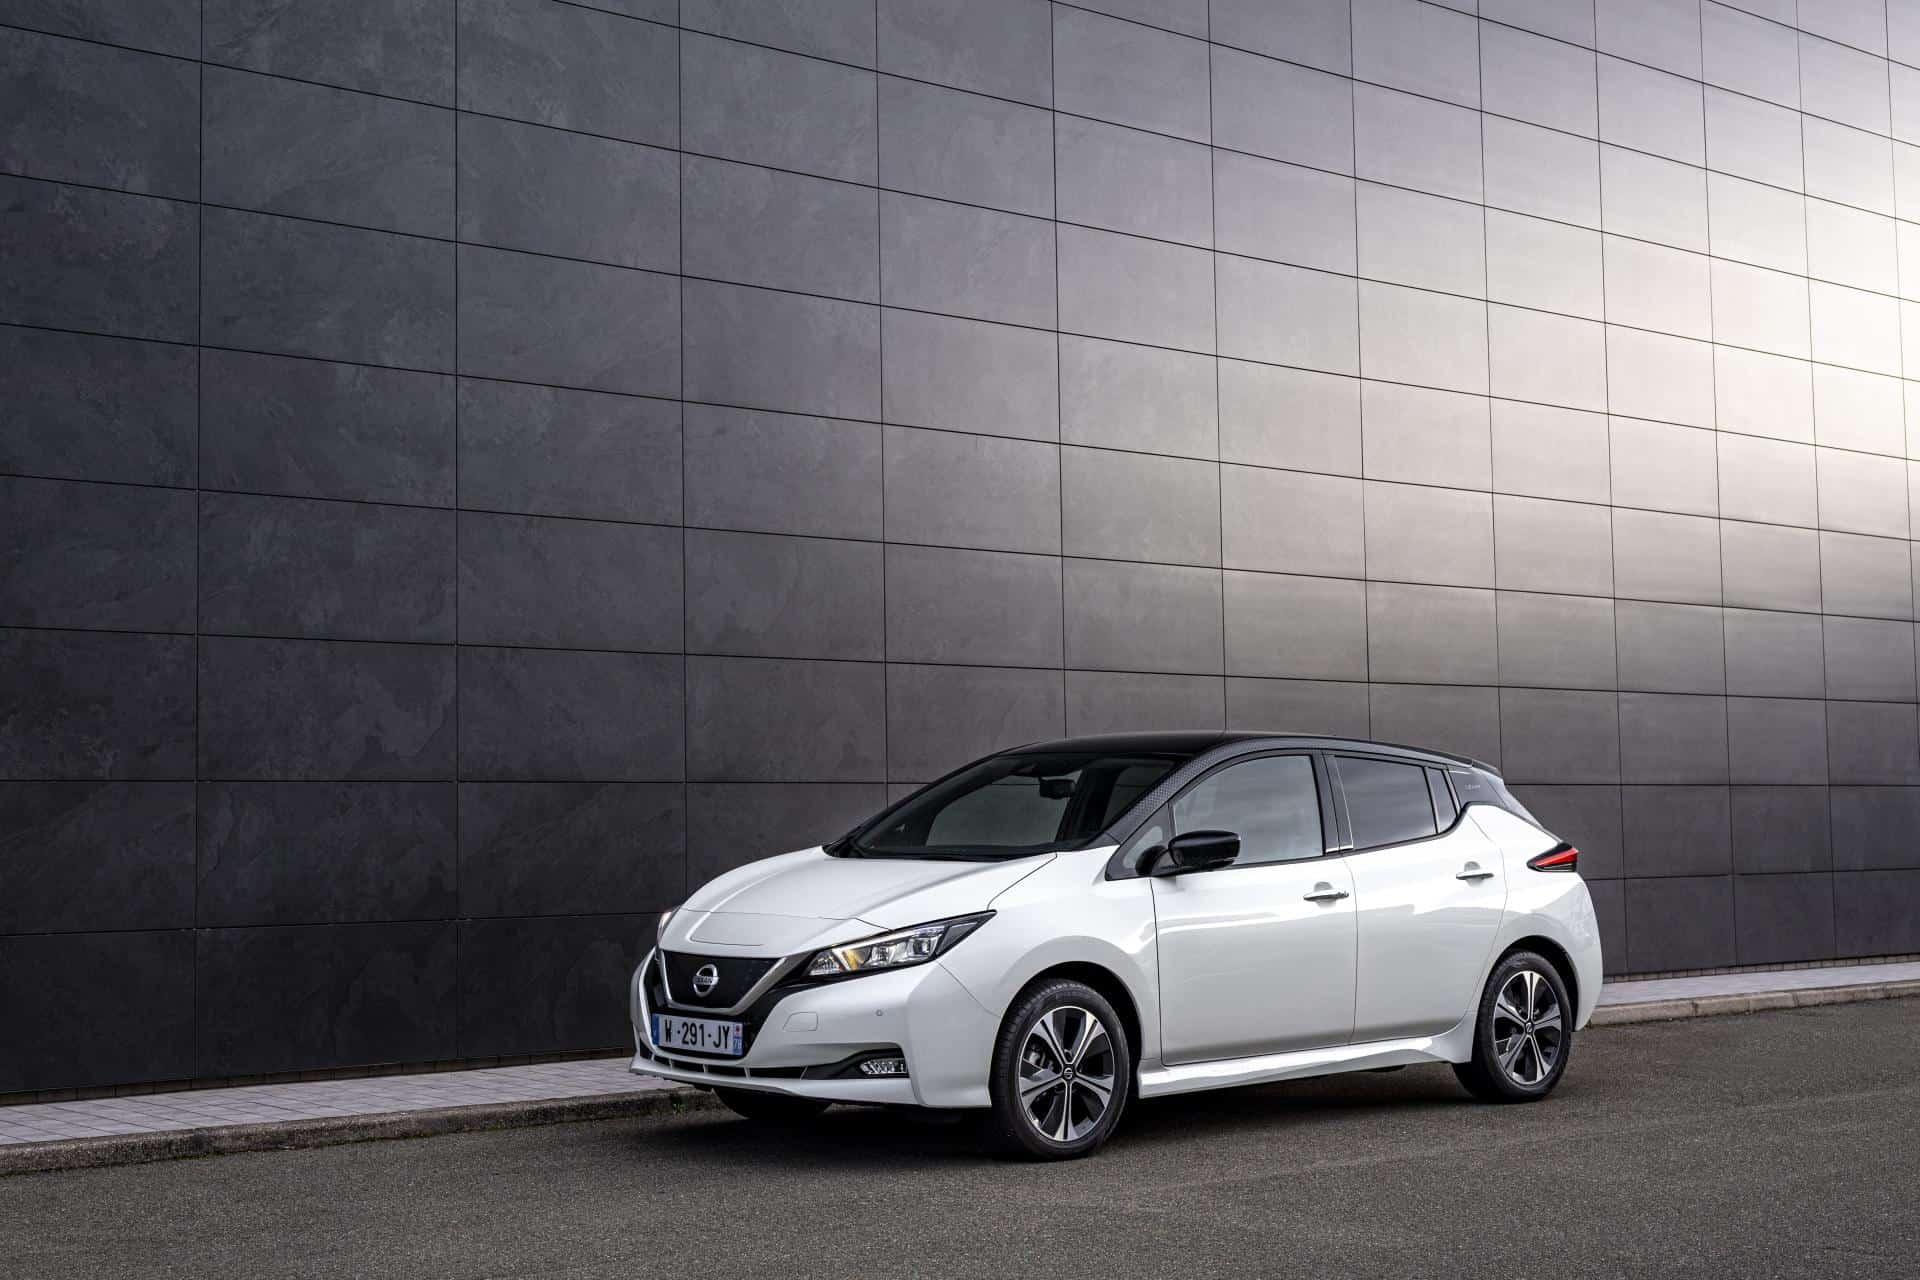 Nissan LEAF10: Ein Jubiläumsmodell zum zehnten Geburtstag des Stromers